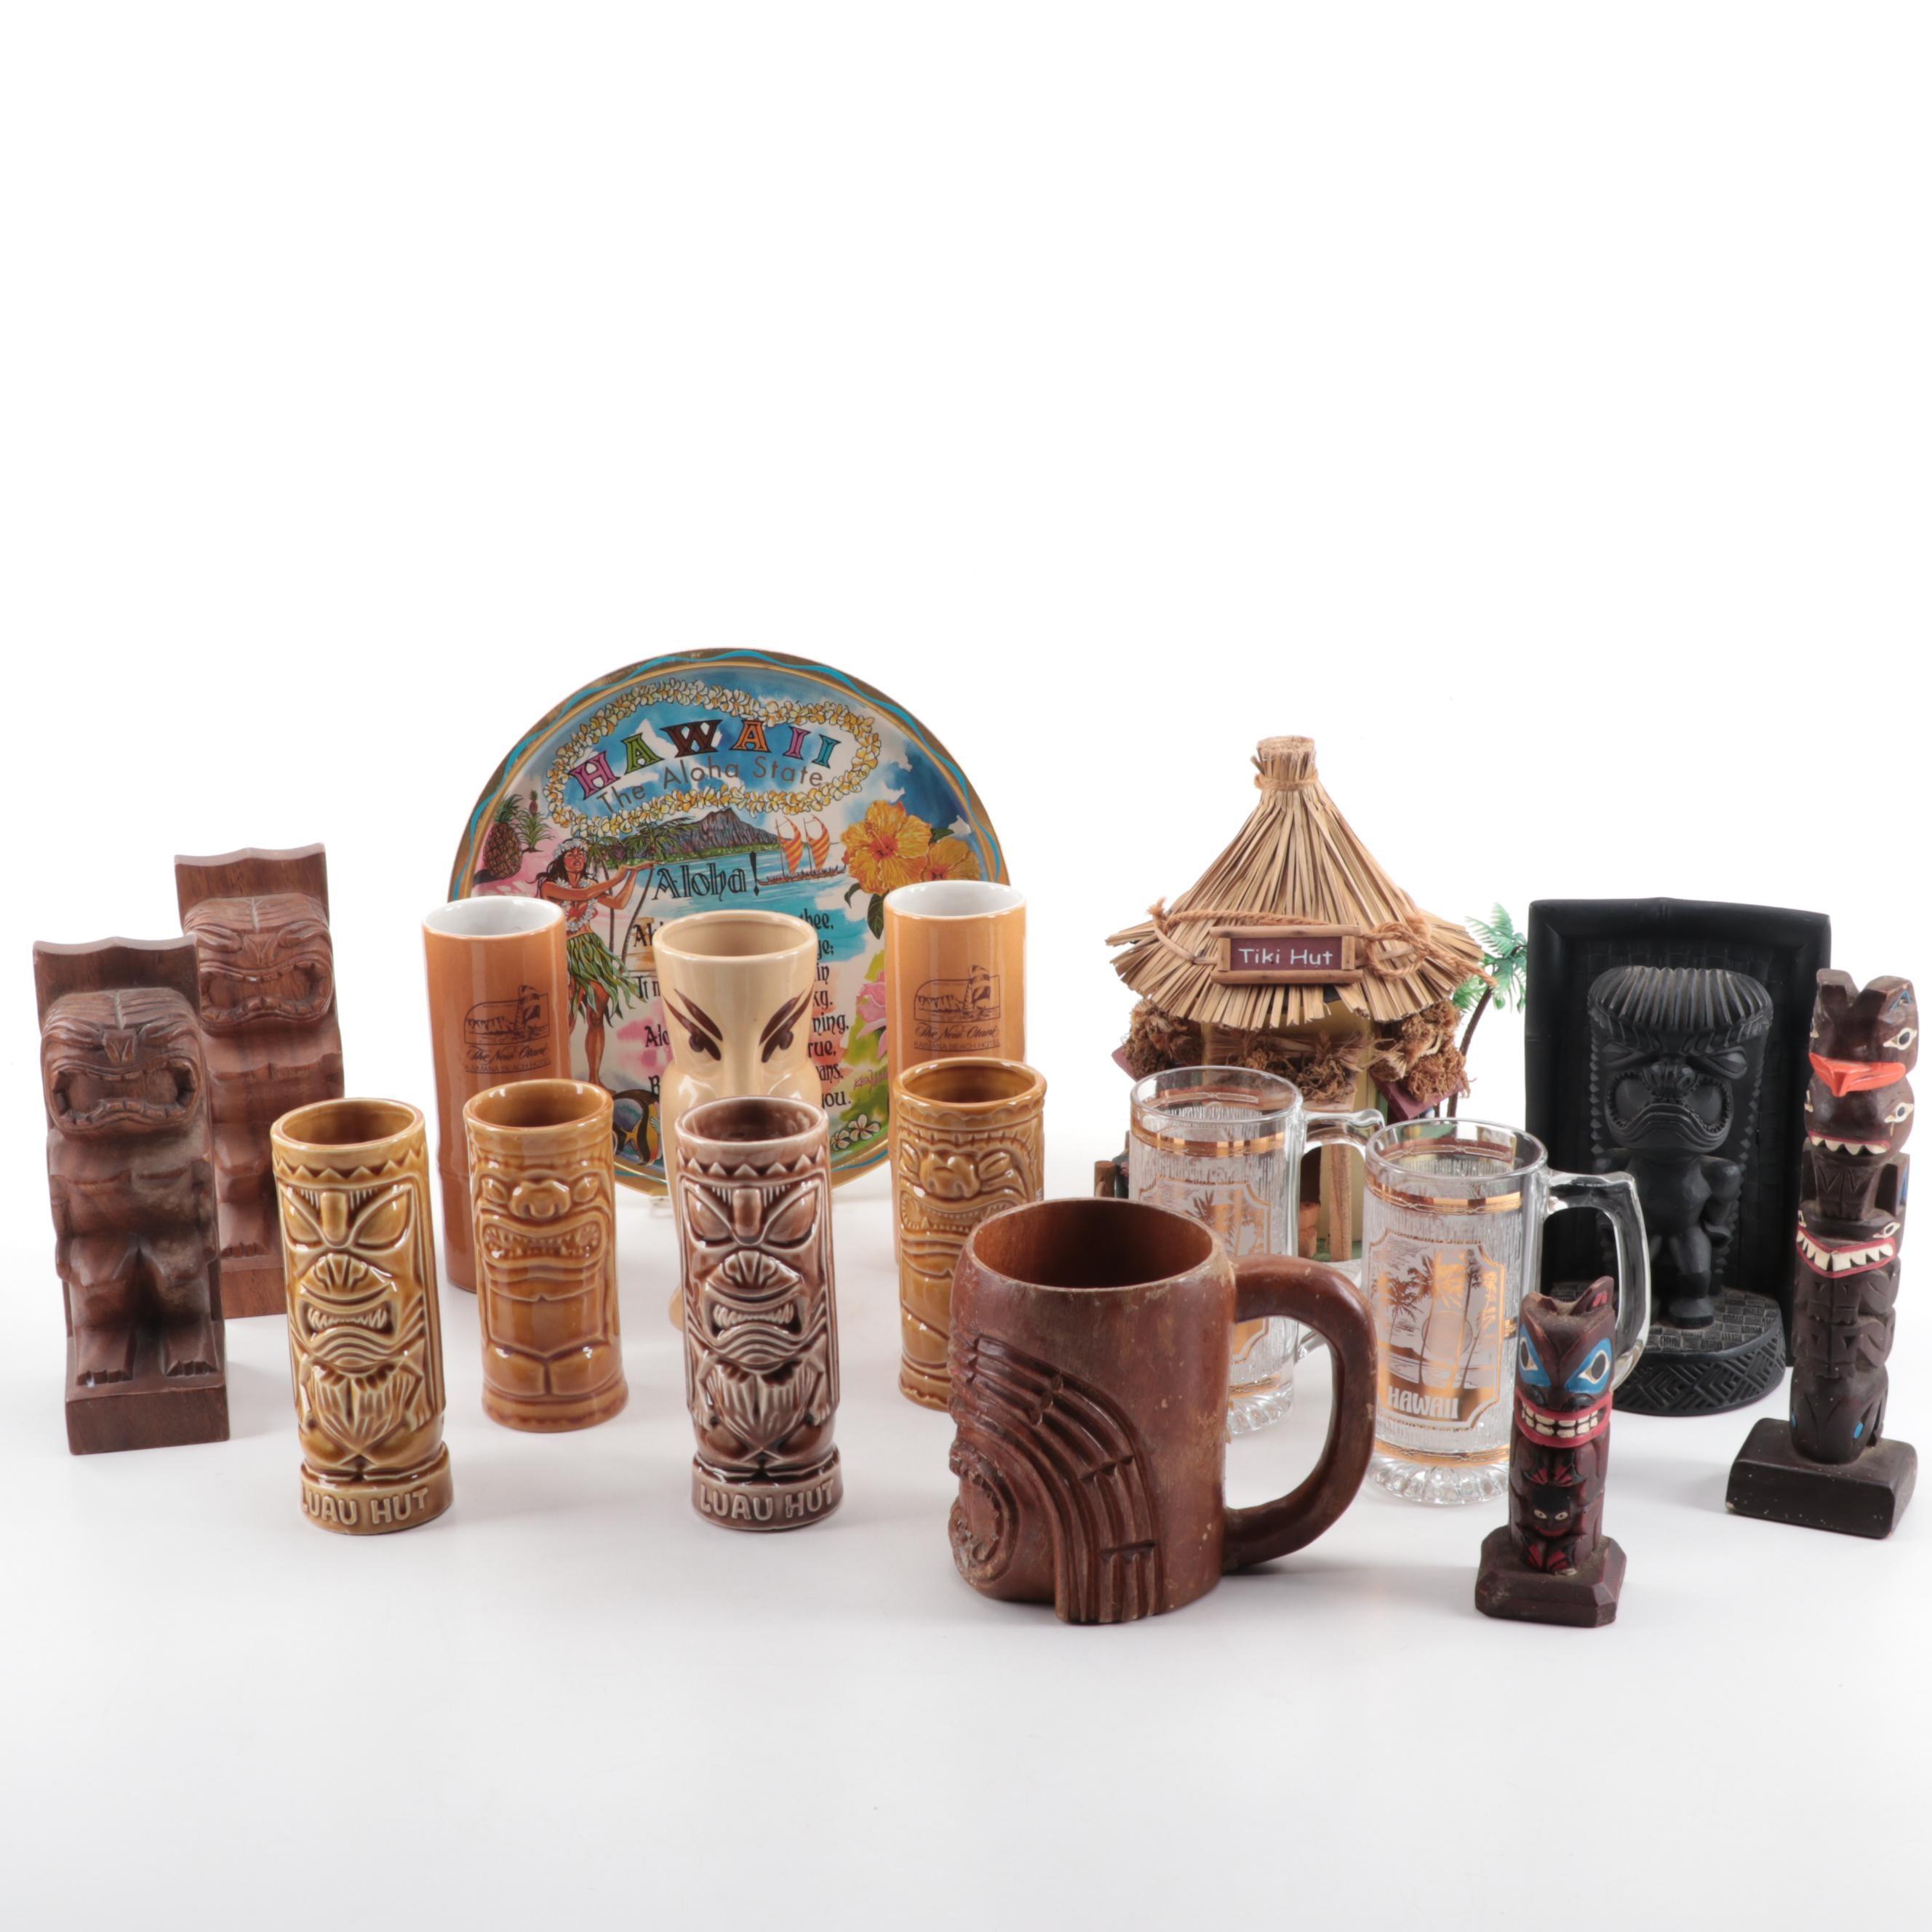 Tiki Style Decor and Glassware